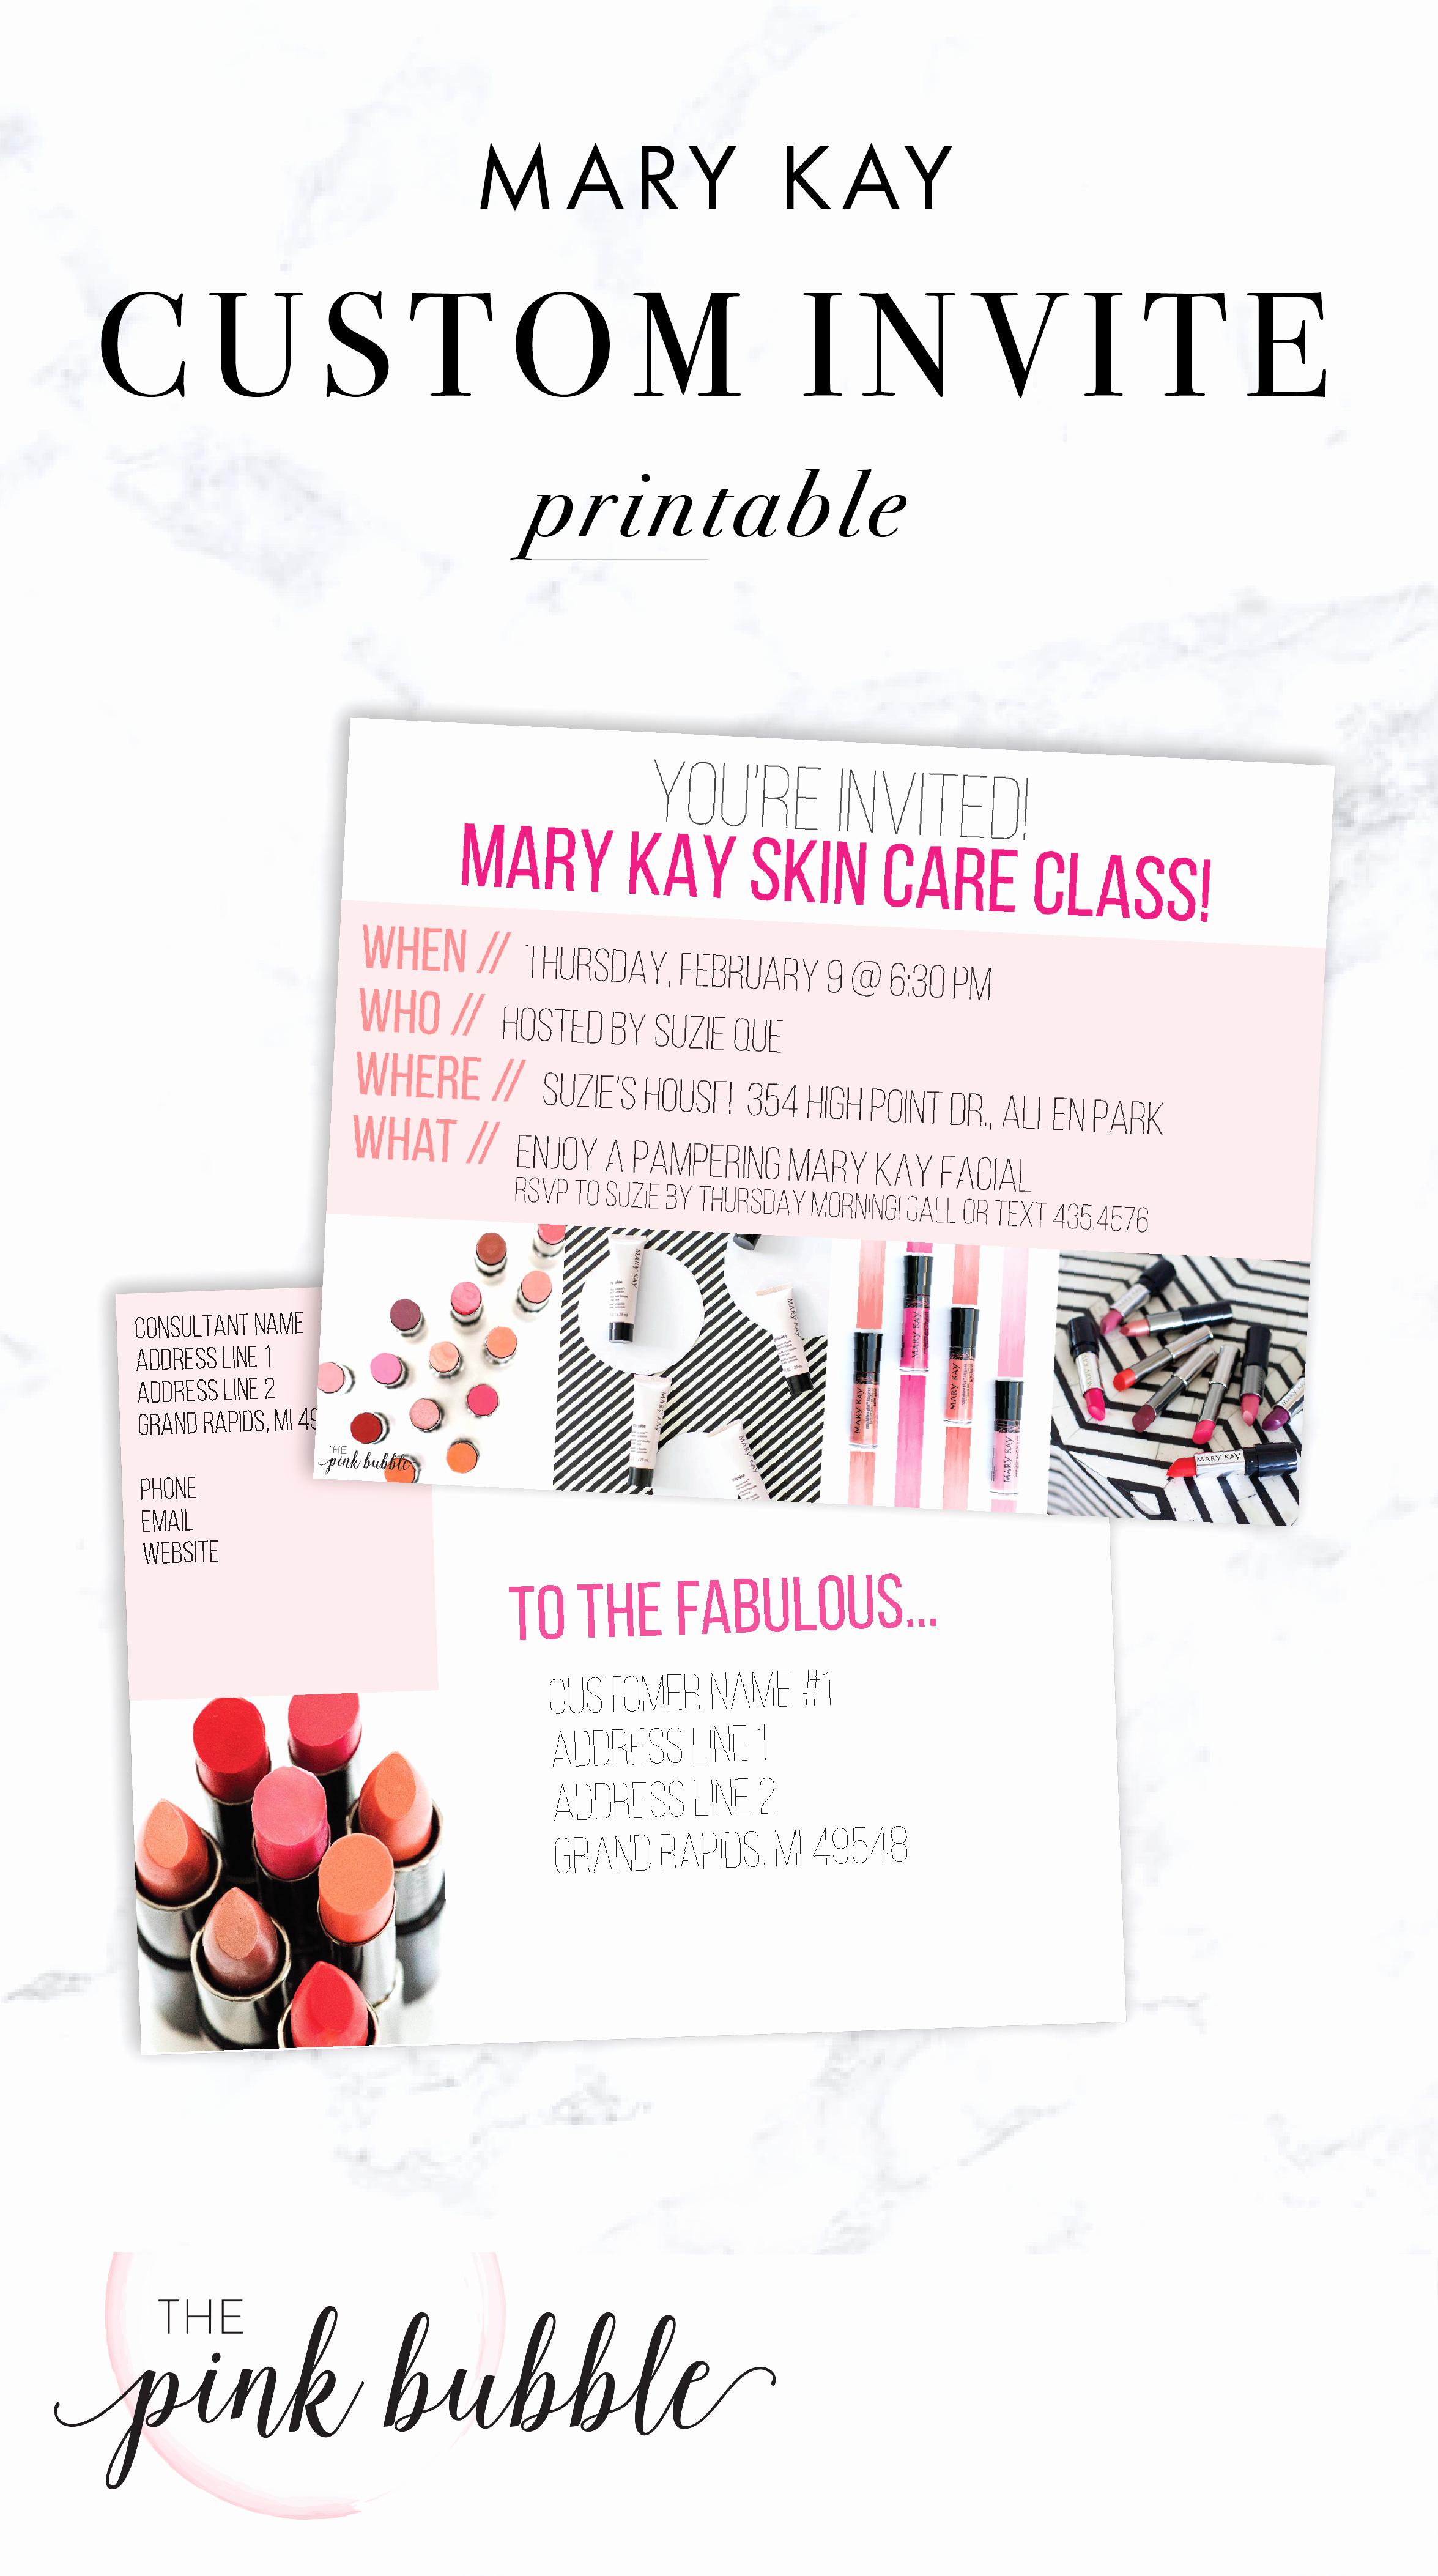 Mary Kay Party Invites New Mary Kay Custom Party Invitation Edit the Title & Details